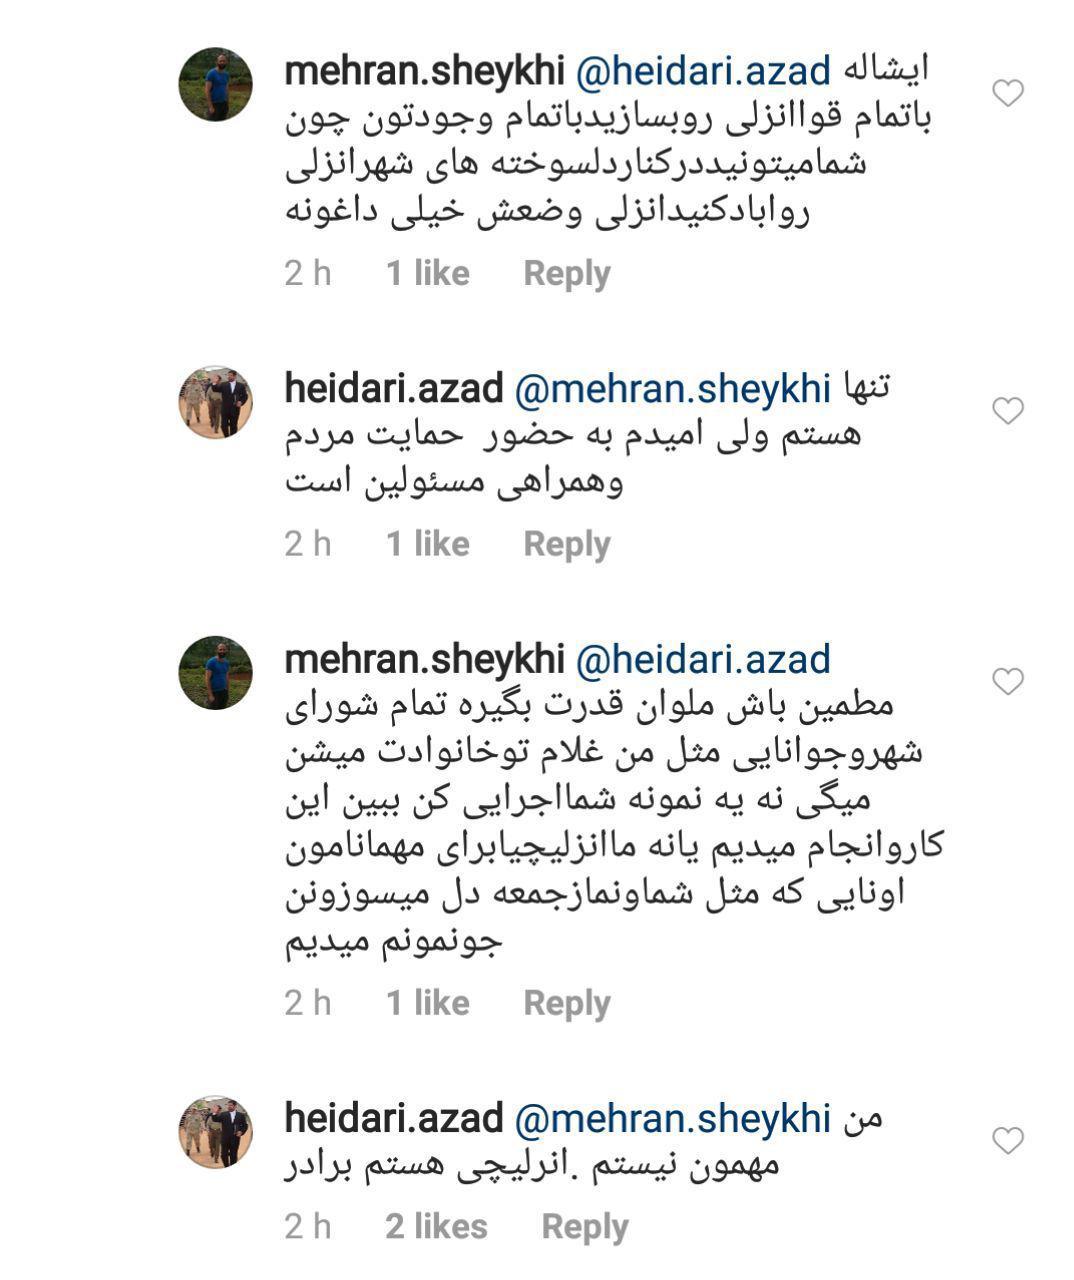 photo 2019 01 26 12 40 42 - نگاهی به عملکرد فرماندار بندر انزلی در فضای مجازی